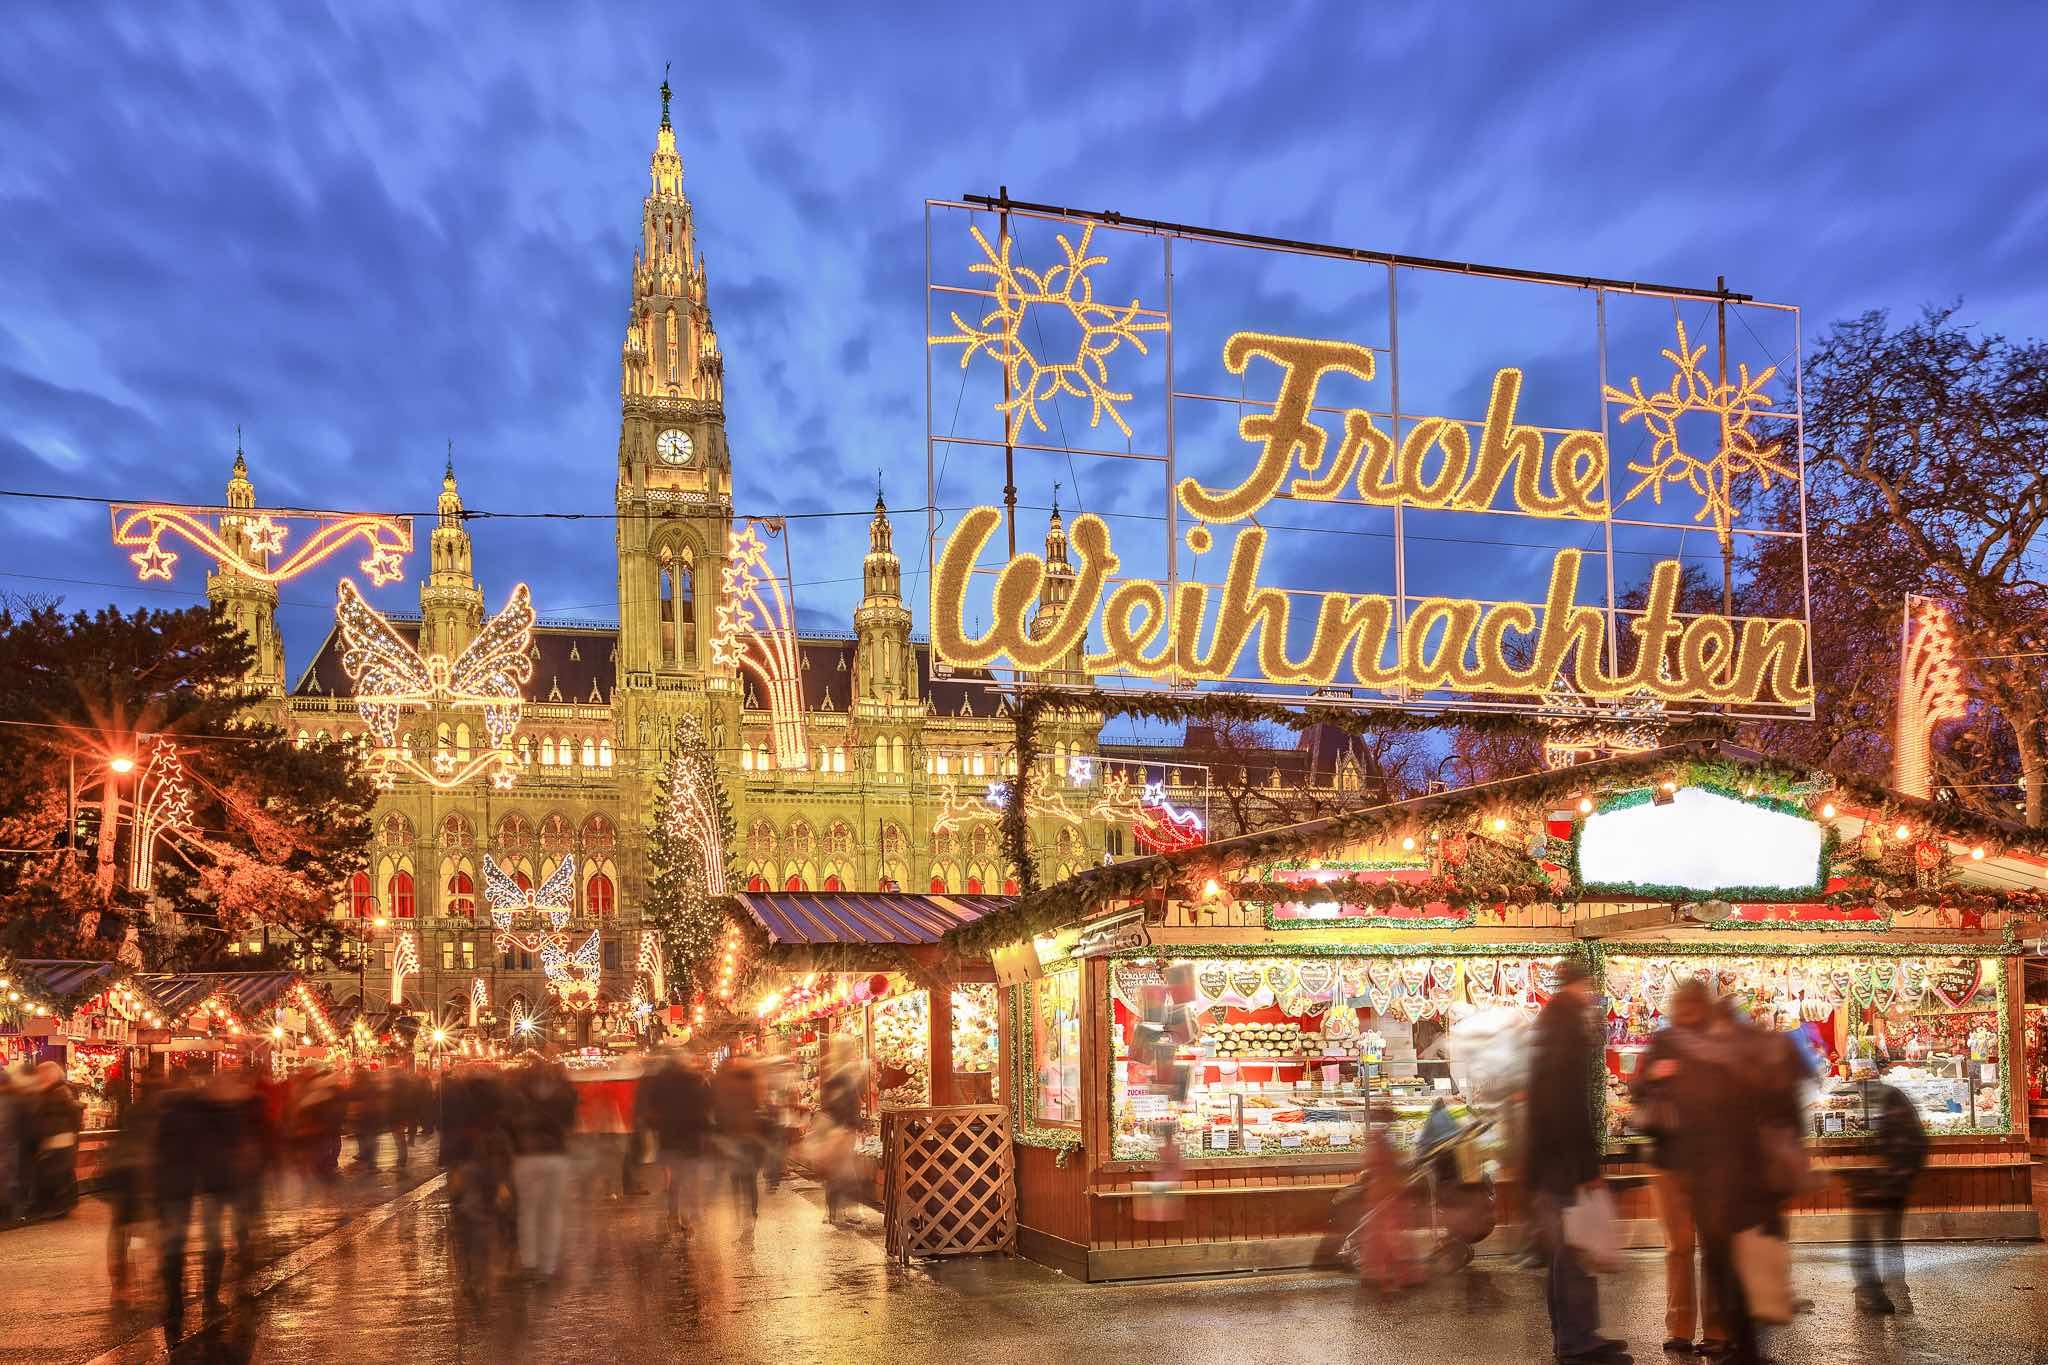 Weihnachtsmarkt vorm Wiener Rathaus mit festlichen Schriftzug Frohe Weihnachten